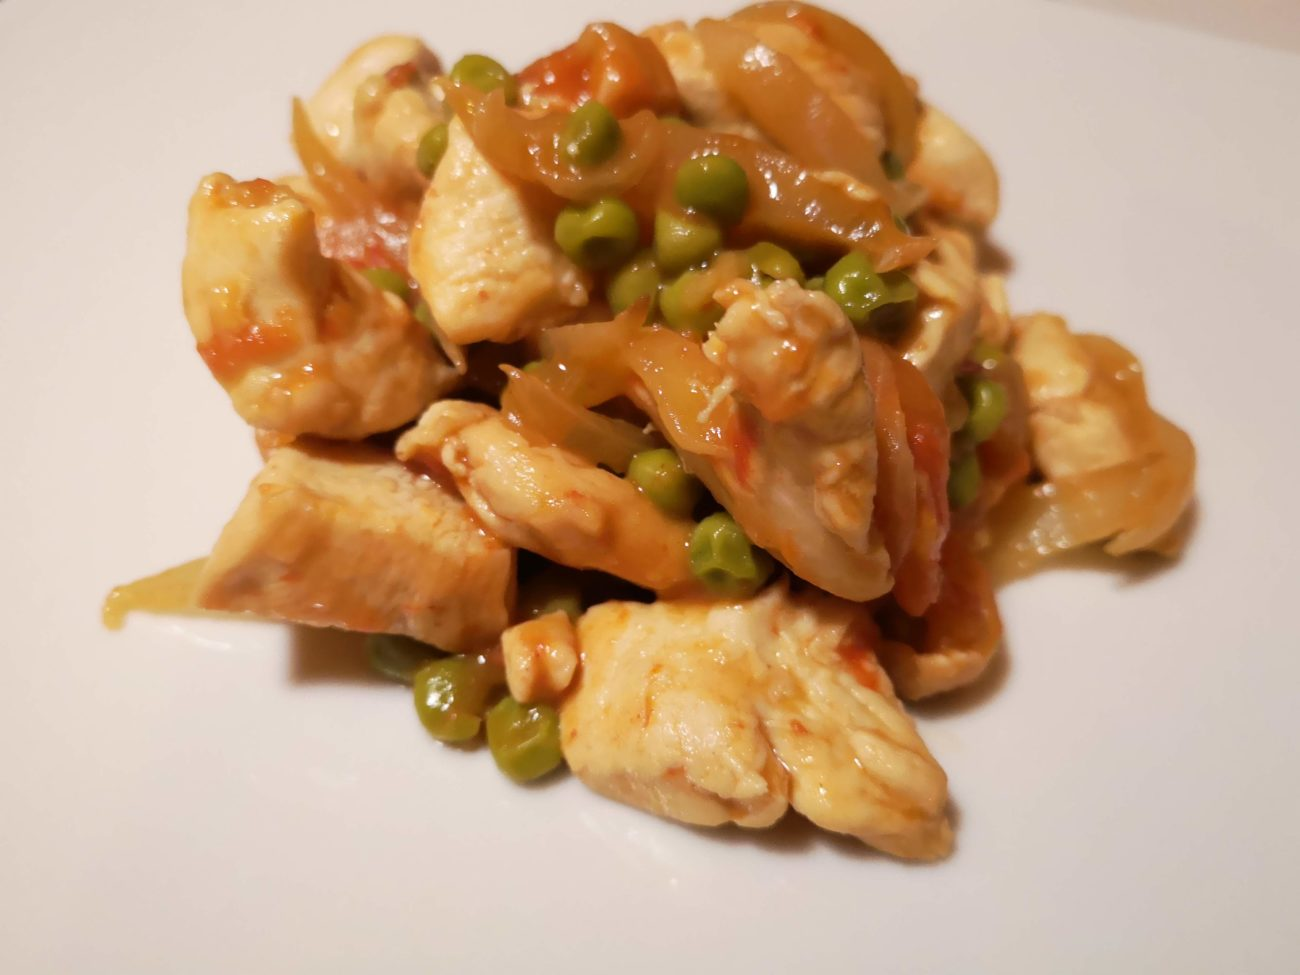 Bocconcini di pollo all'ortolana in agrodolce